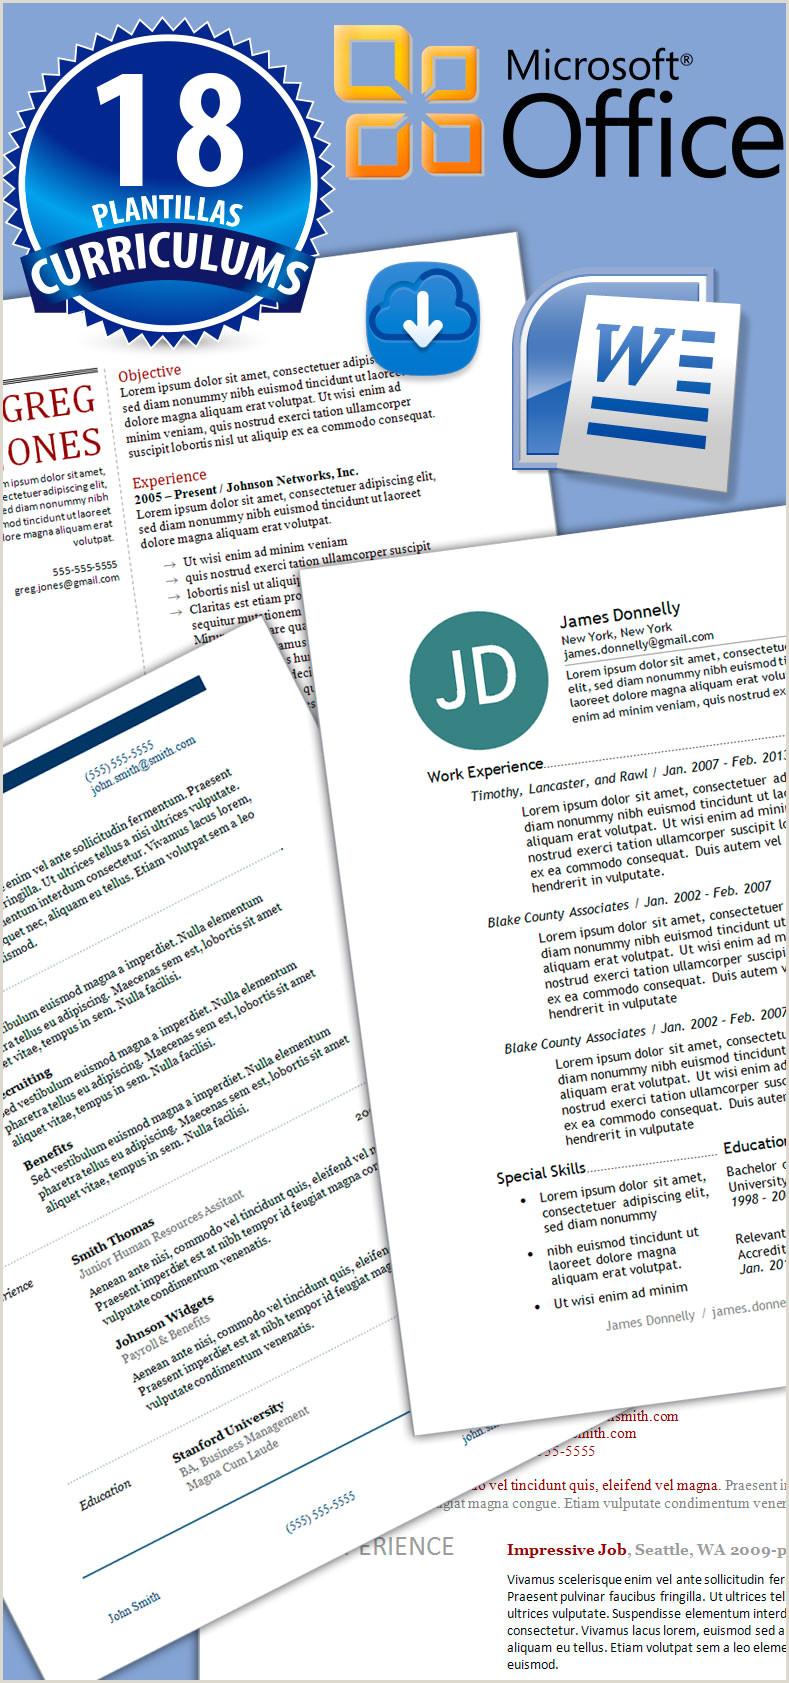 Formato Hoja De Vida En Word 18 Plantillas Editables Curriculums formato Word